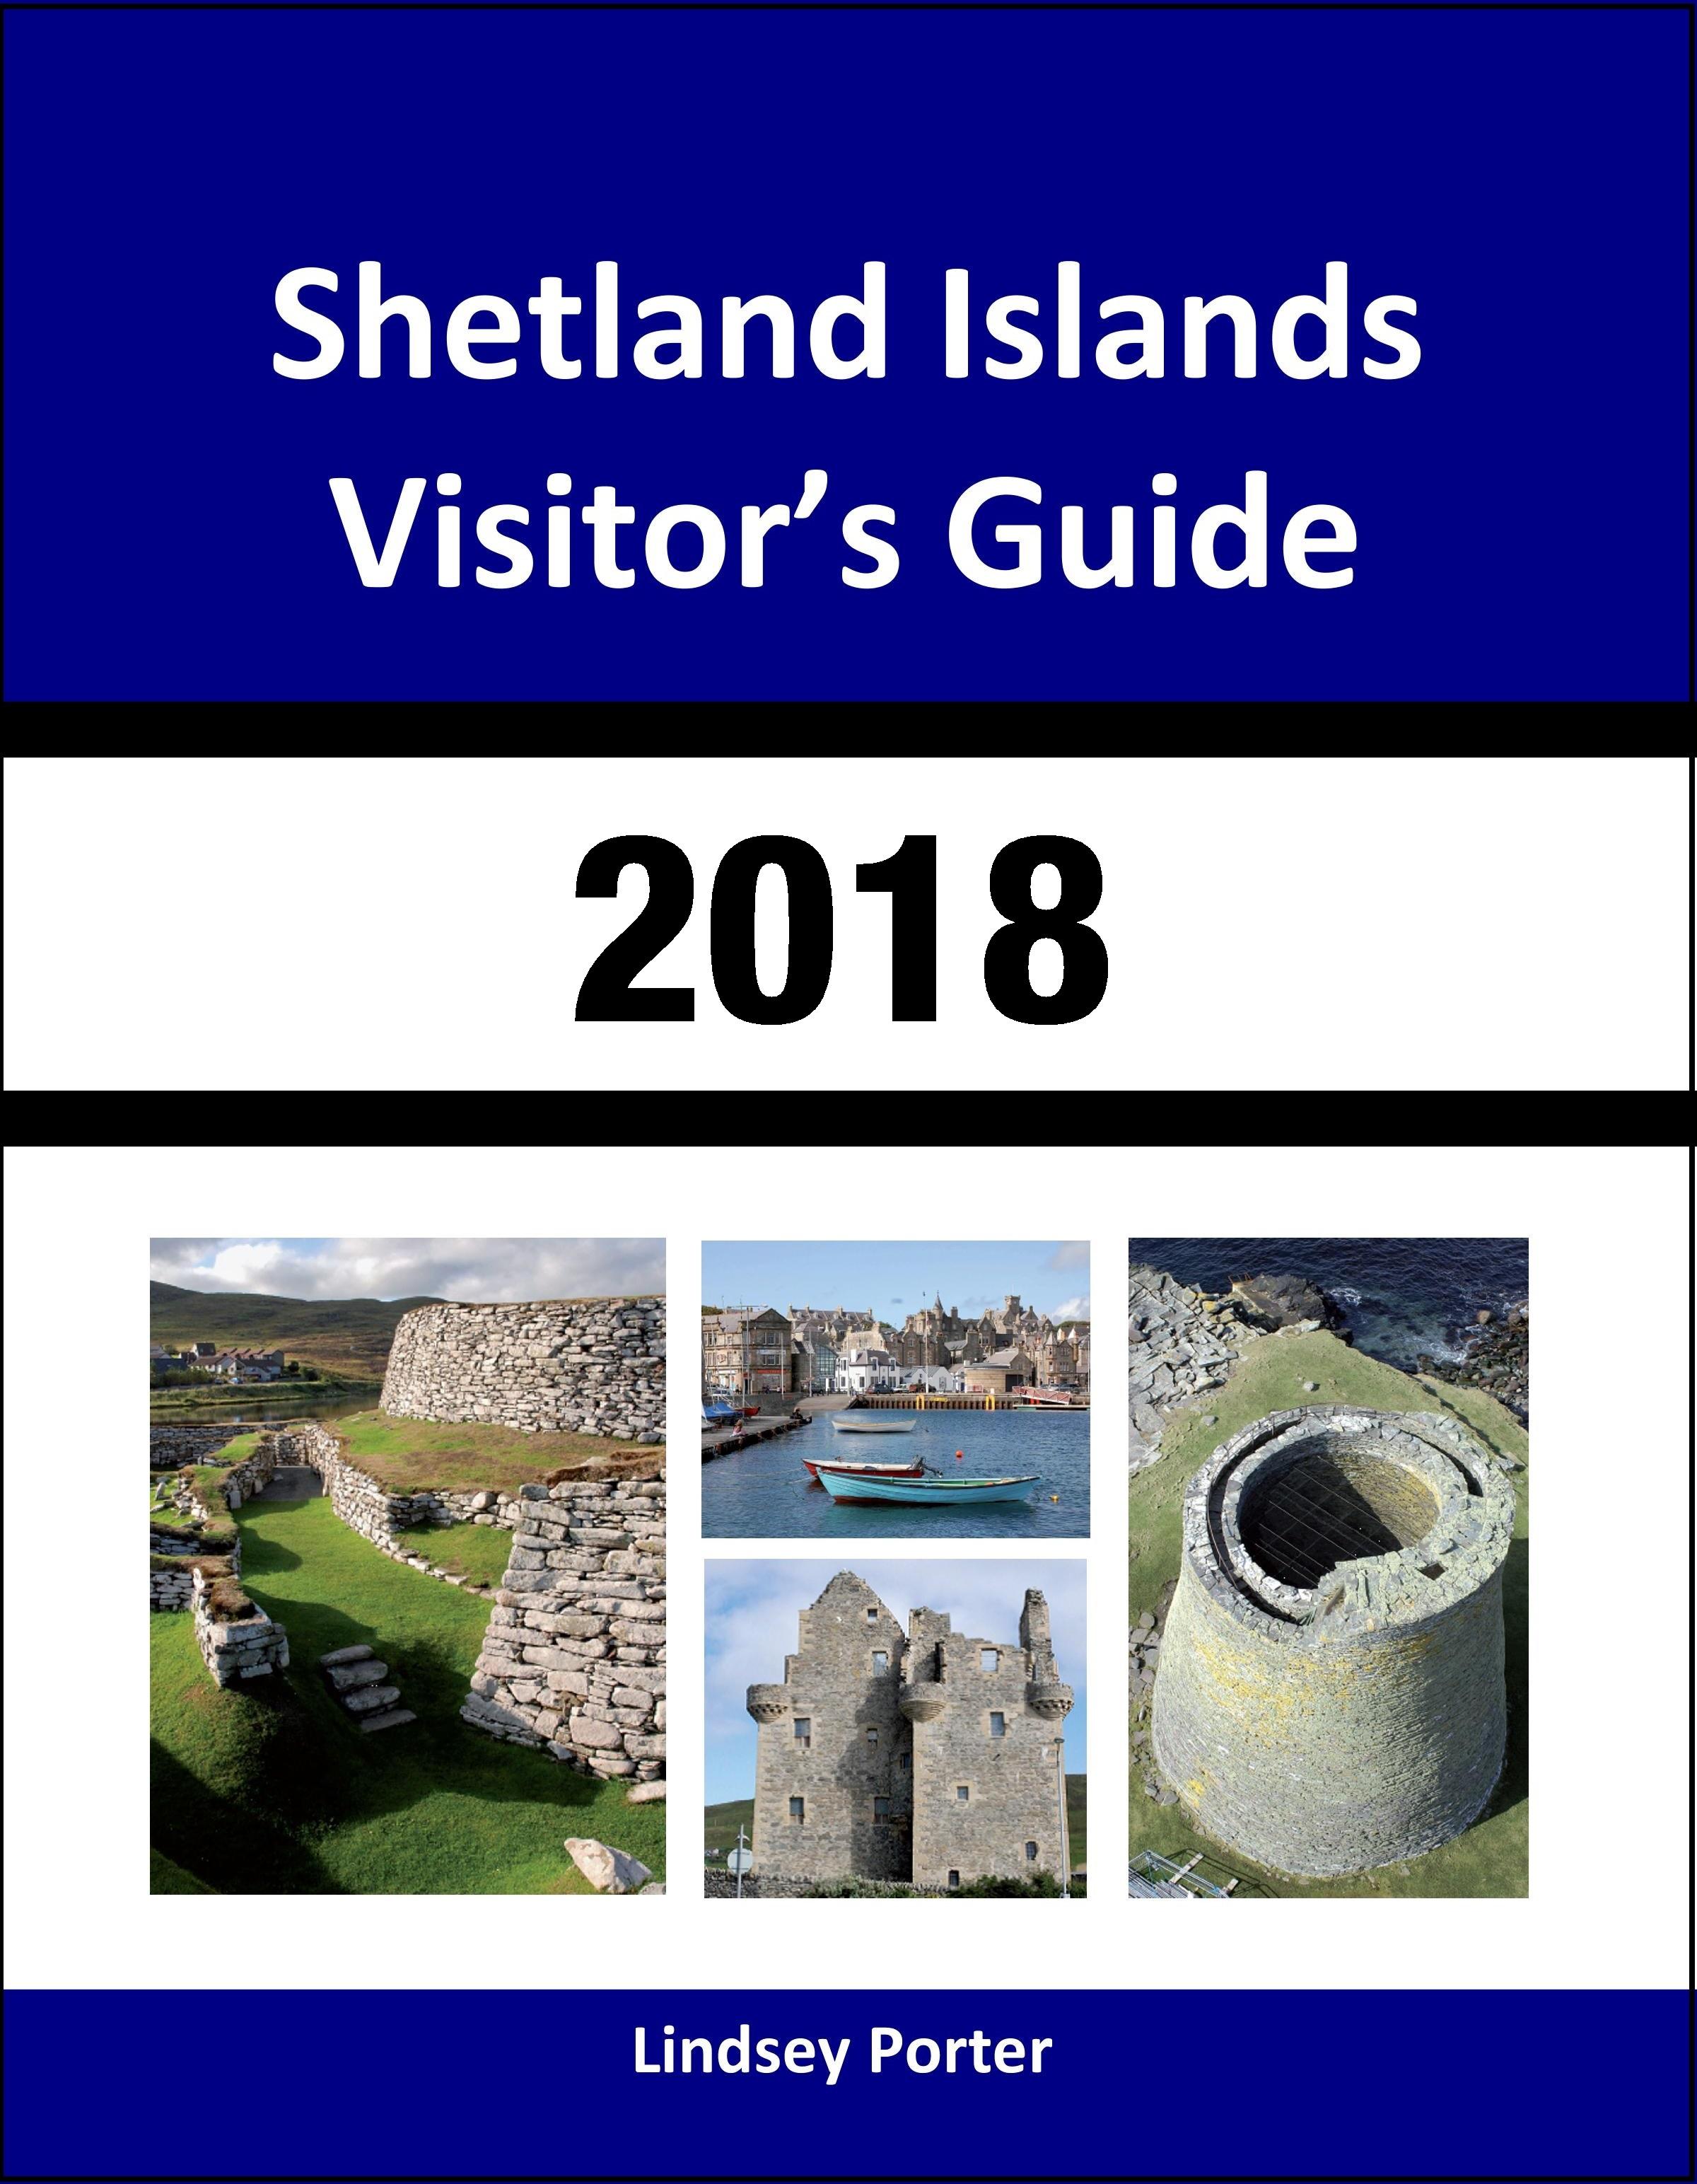 Shetland Travel Guide 2018